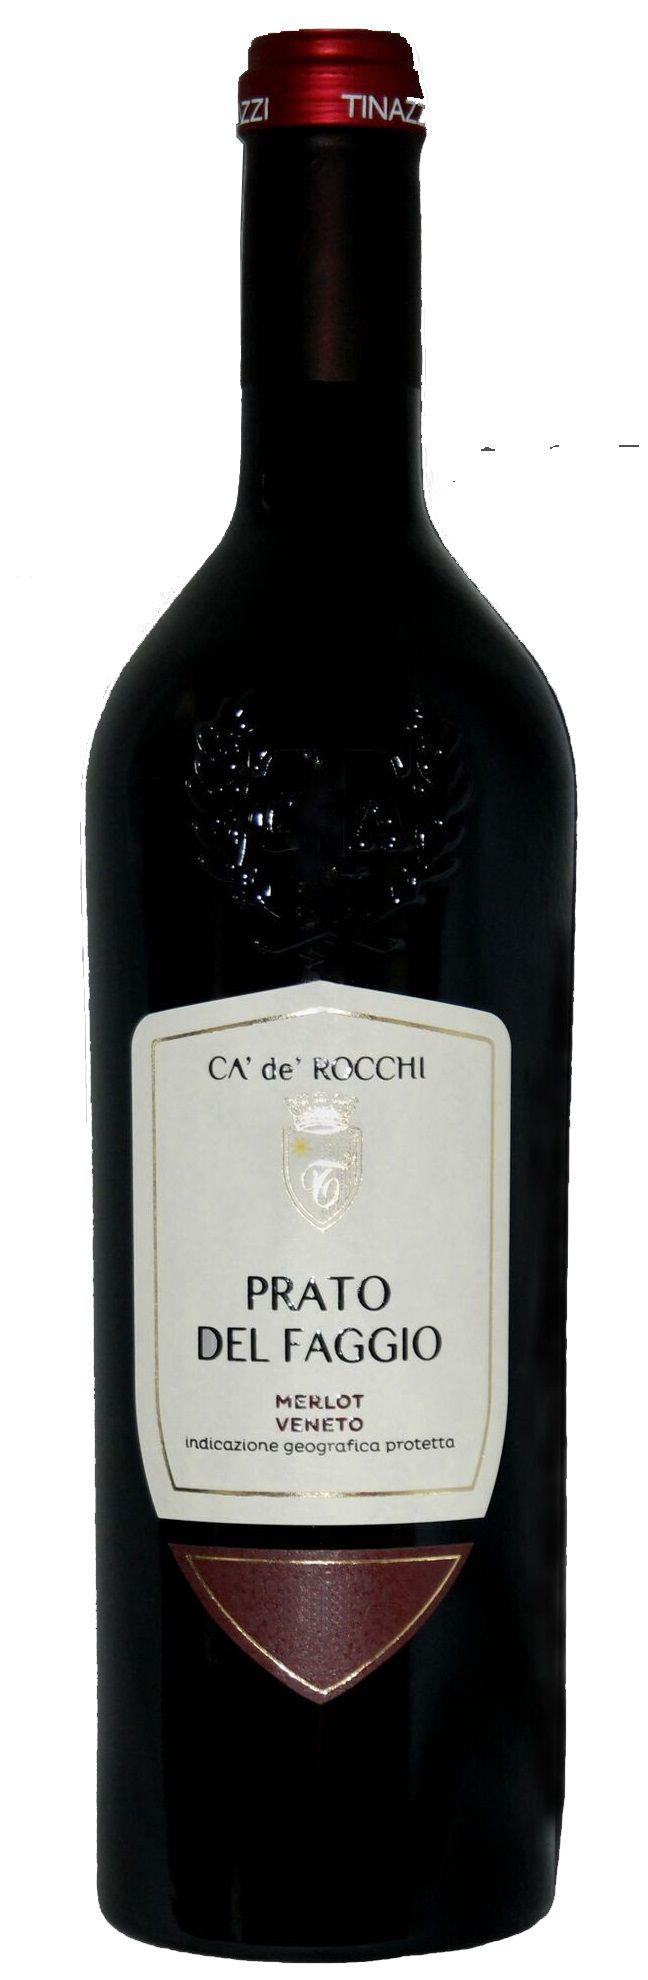 Vinho Prato del Faggio Merlot